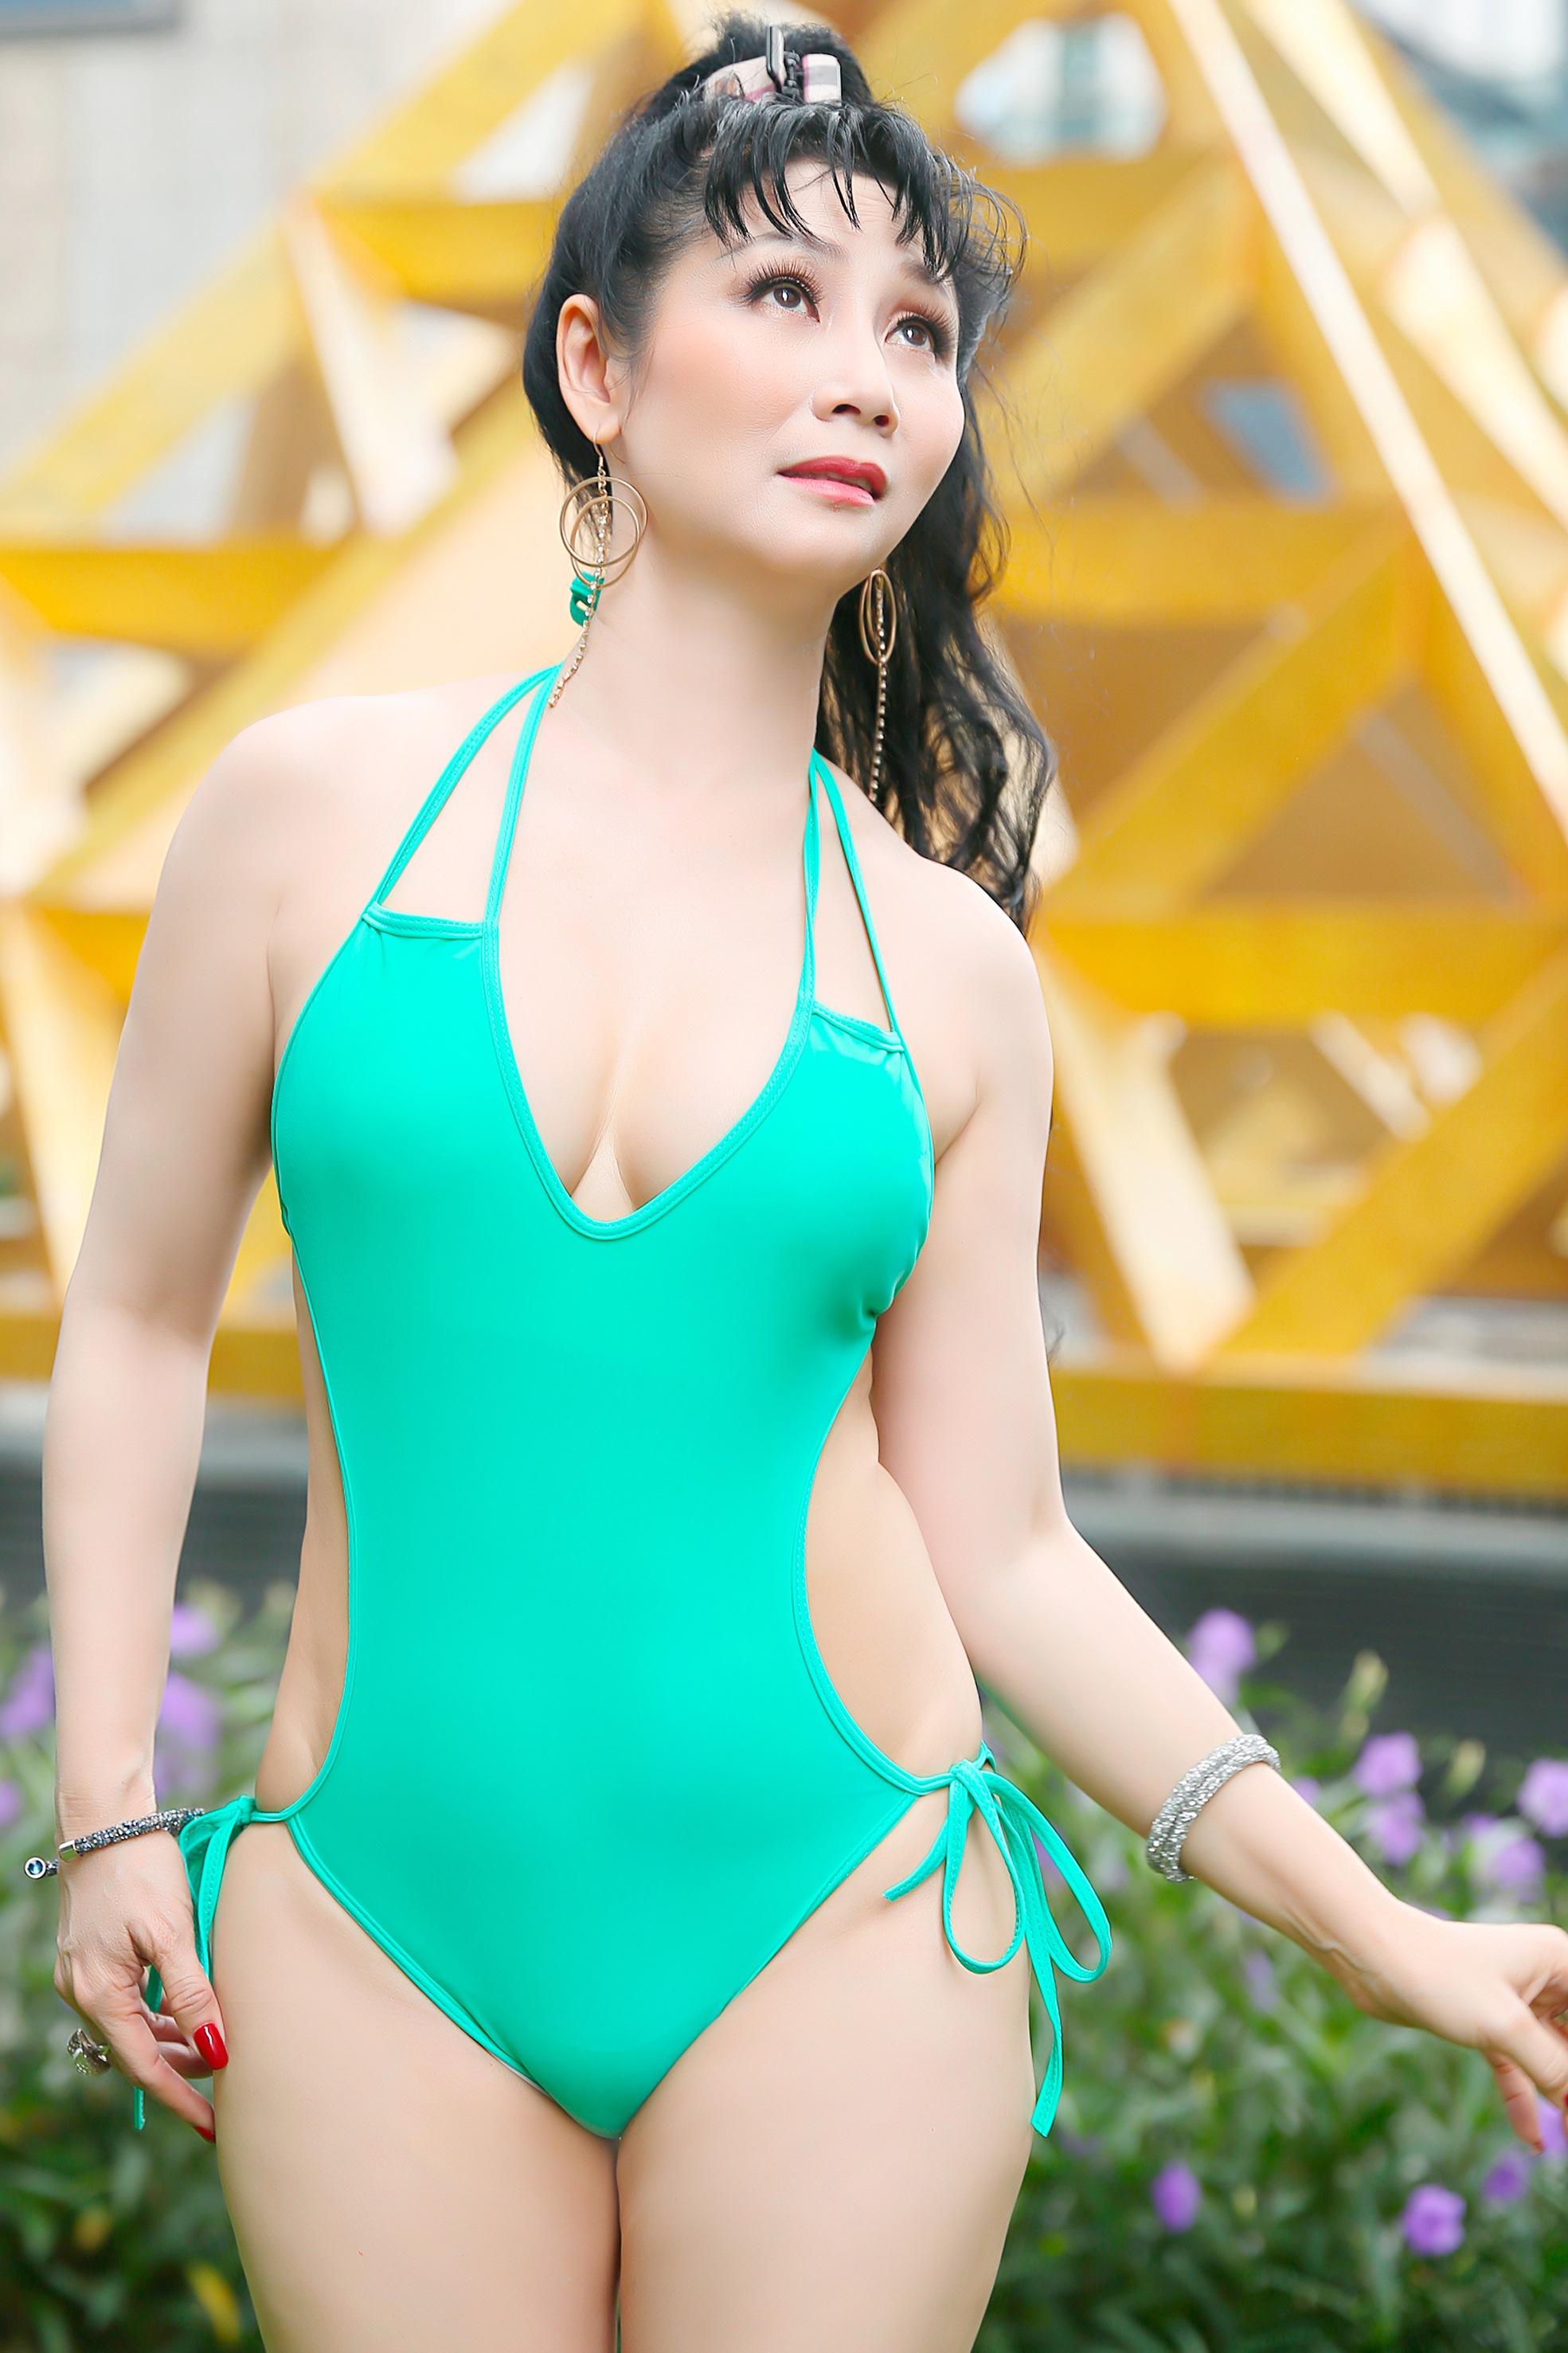 Nữ diễn viên sở hữu khối tài sản kếch xù, suýt mất mạng trong vụ nổ ở Phú Quốc giờ ra sao? - 2